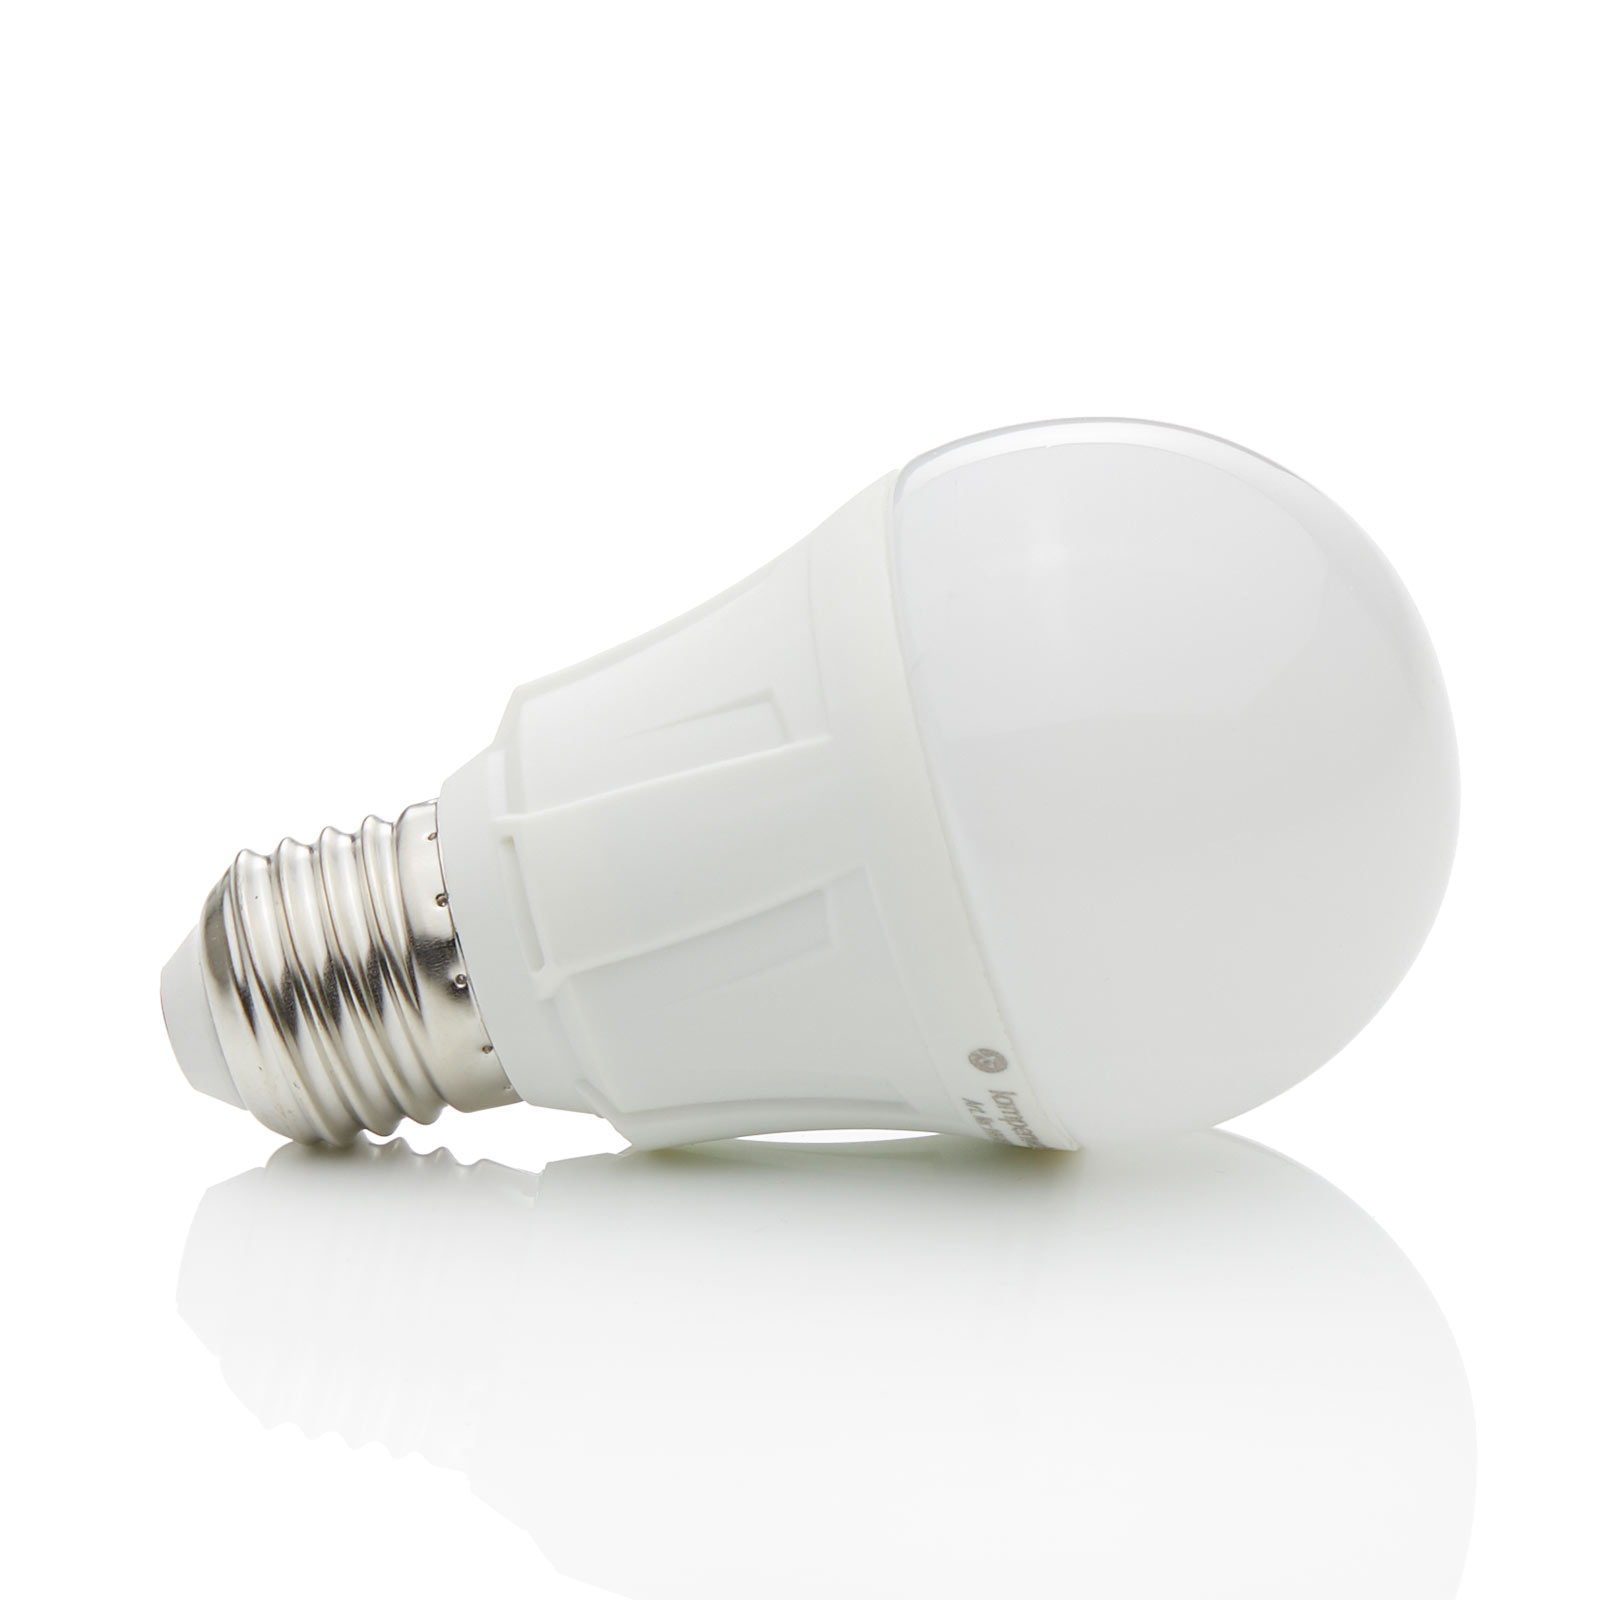 E27 11W 830 LED-pære med glødelampeform varmhvit